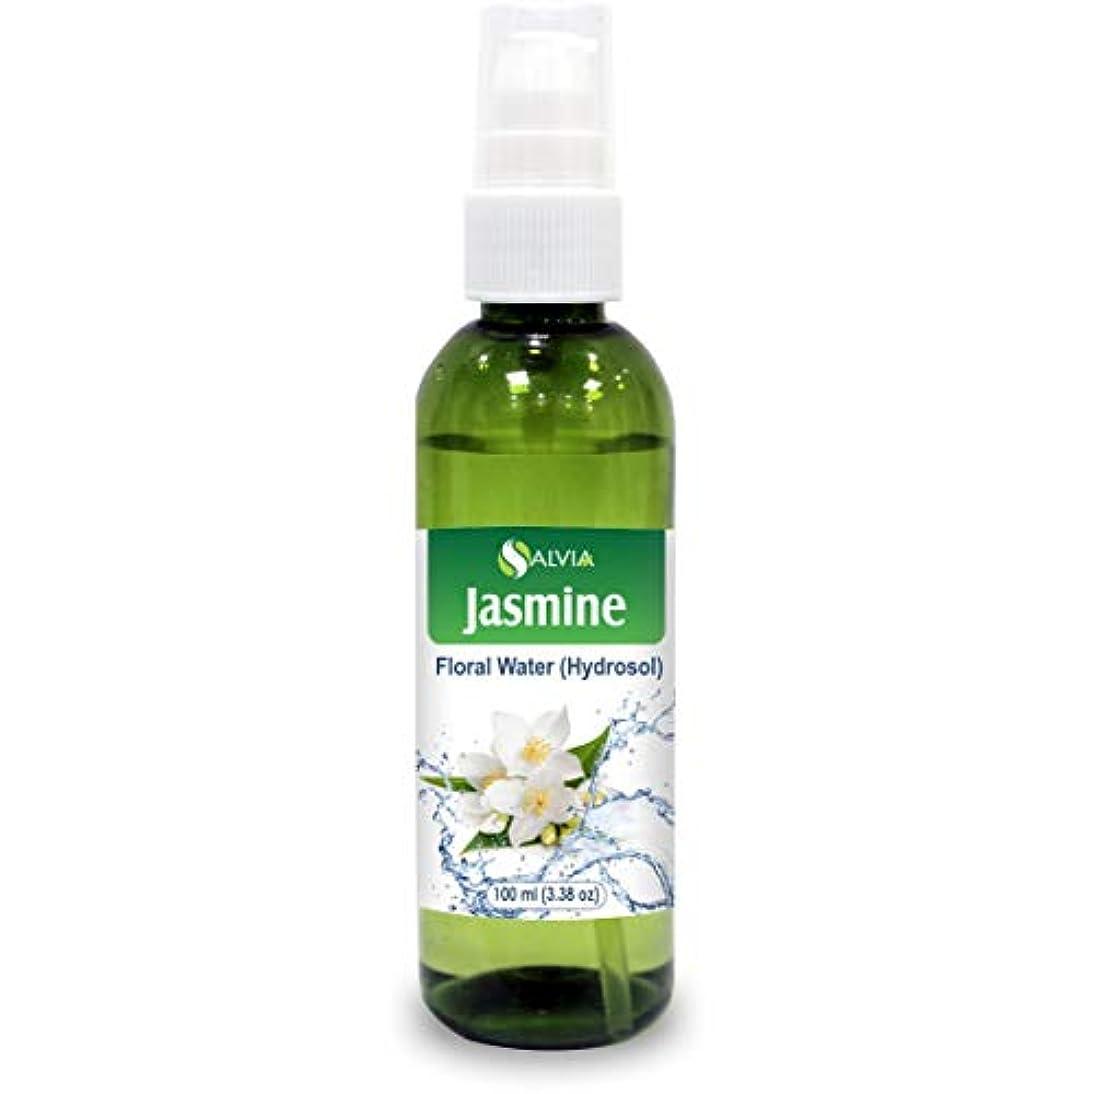 代表正確に保証Jasmine Floral Water 100ml (Hydrosol) 100% Pure And Natural